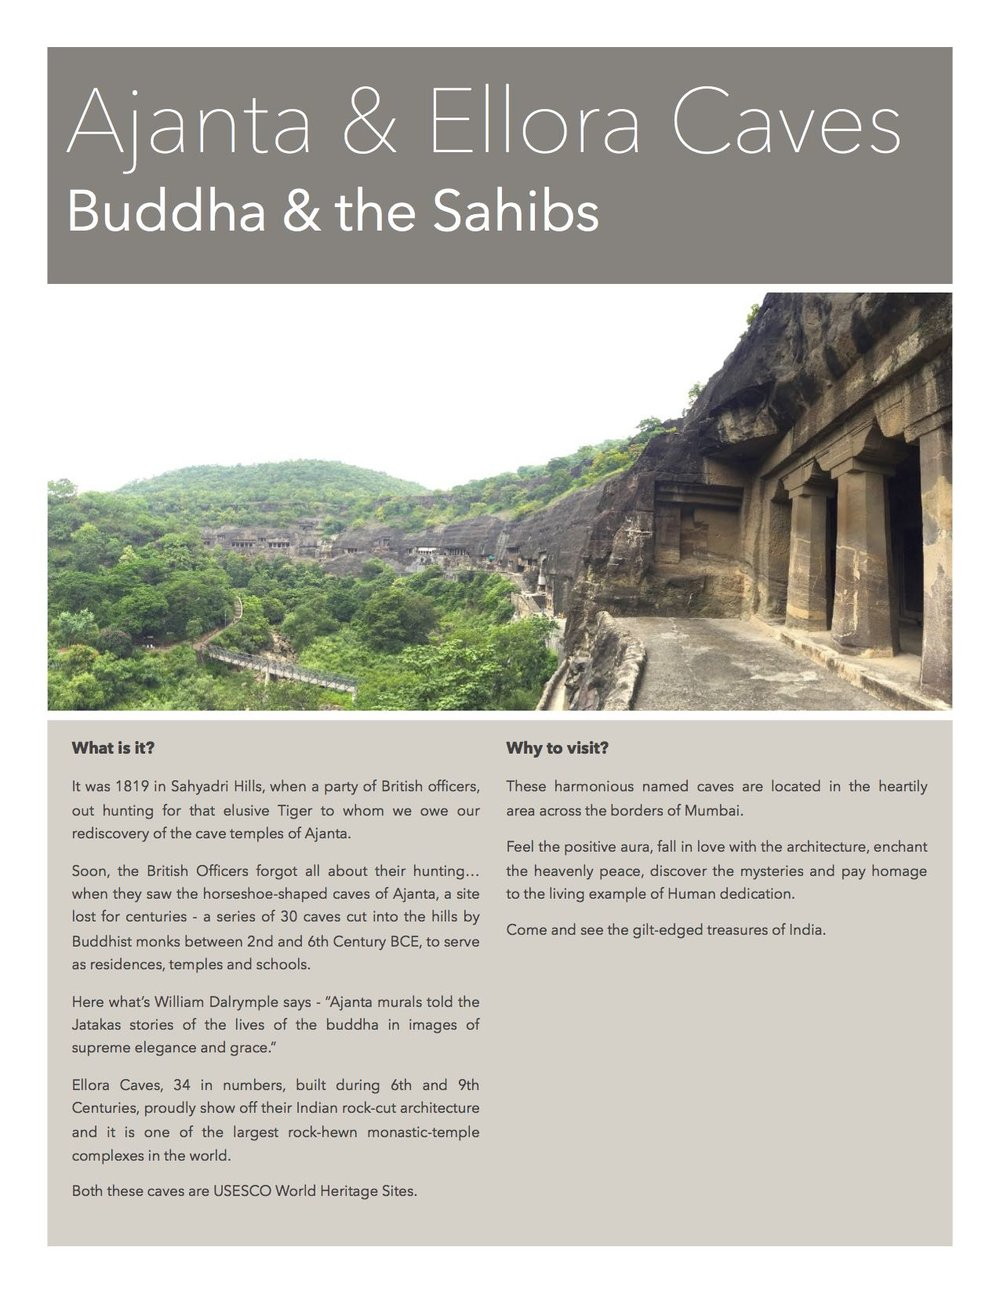 Ajanta & Ellora - The caves in Aurangabad, India